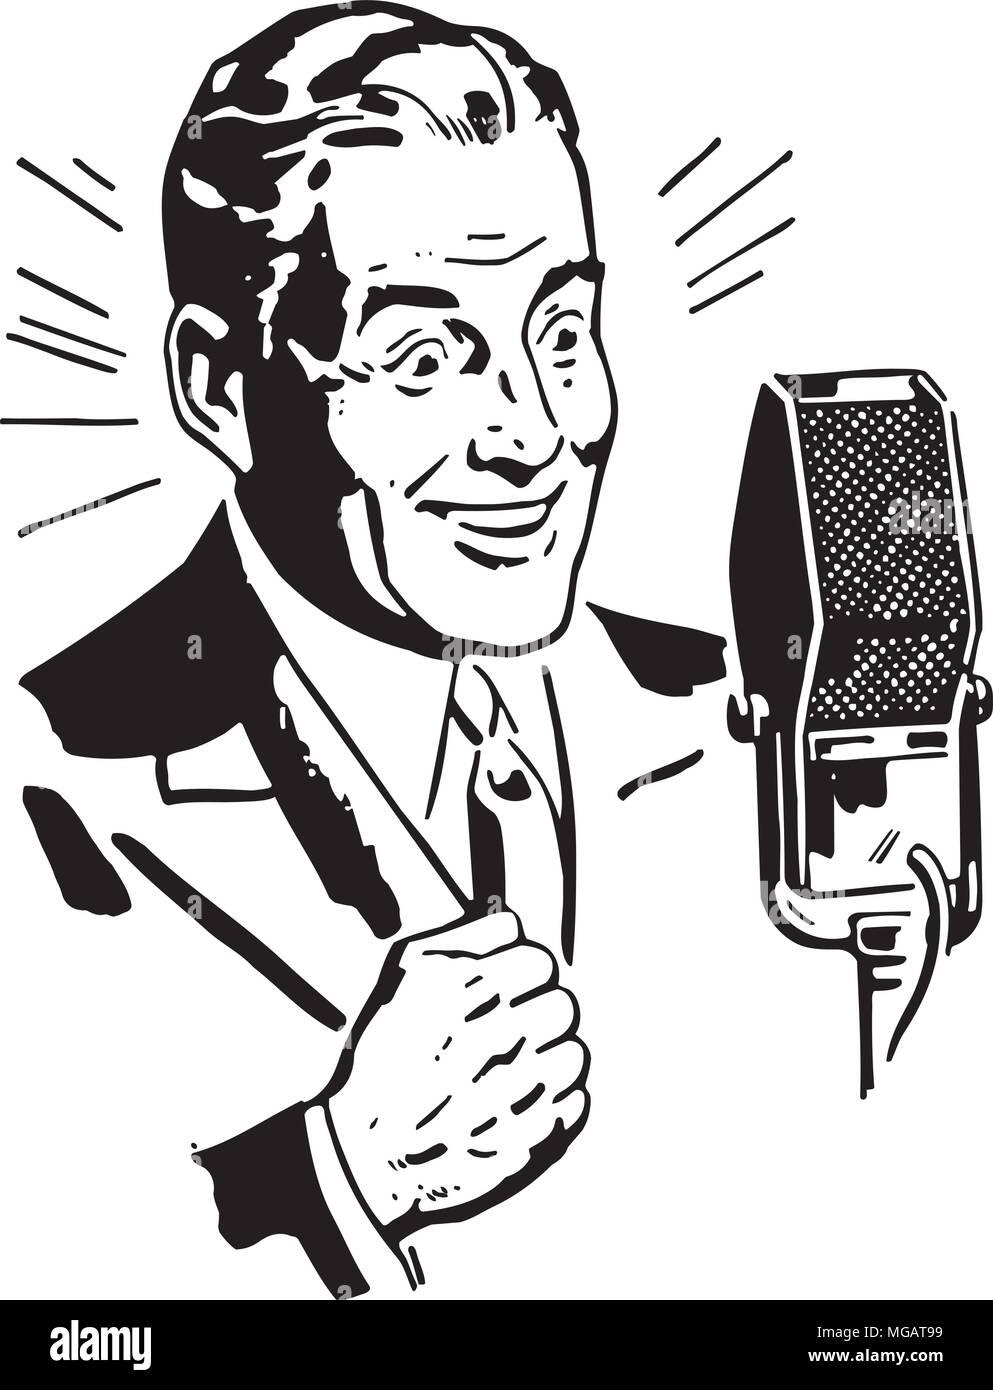 medium resolution of radio announcer 2 retro clipart illustration